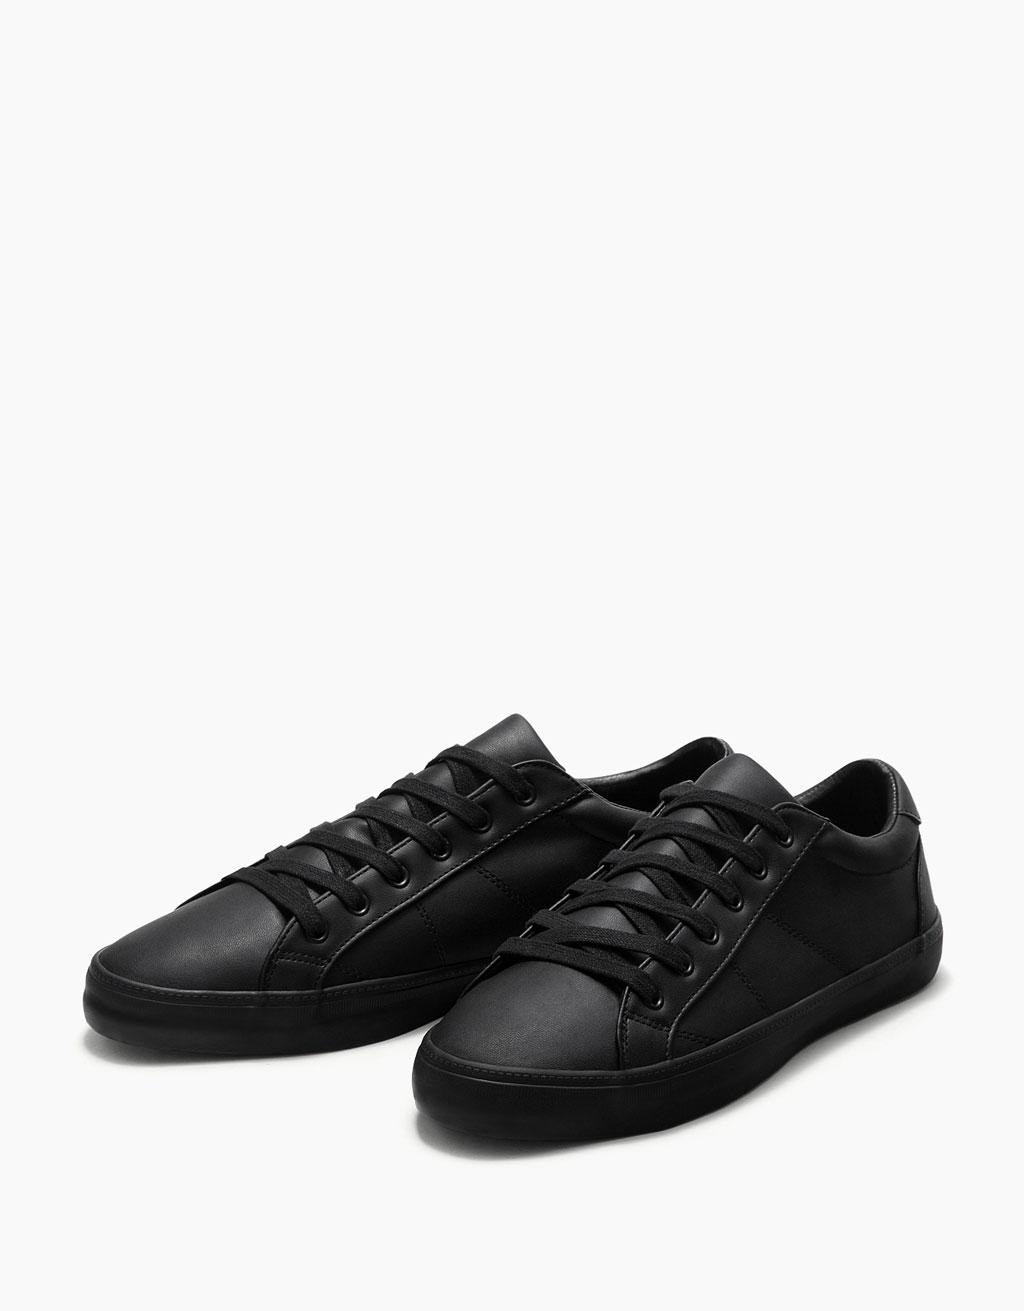 Men's single-colour sneakers